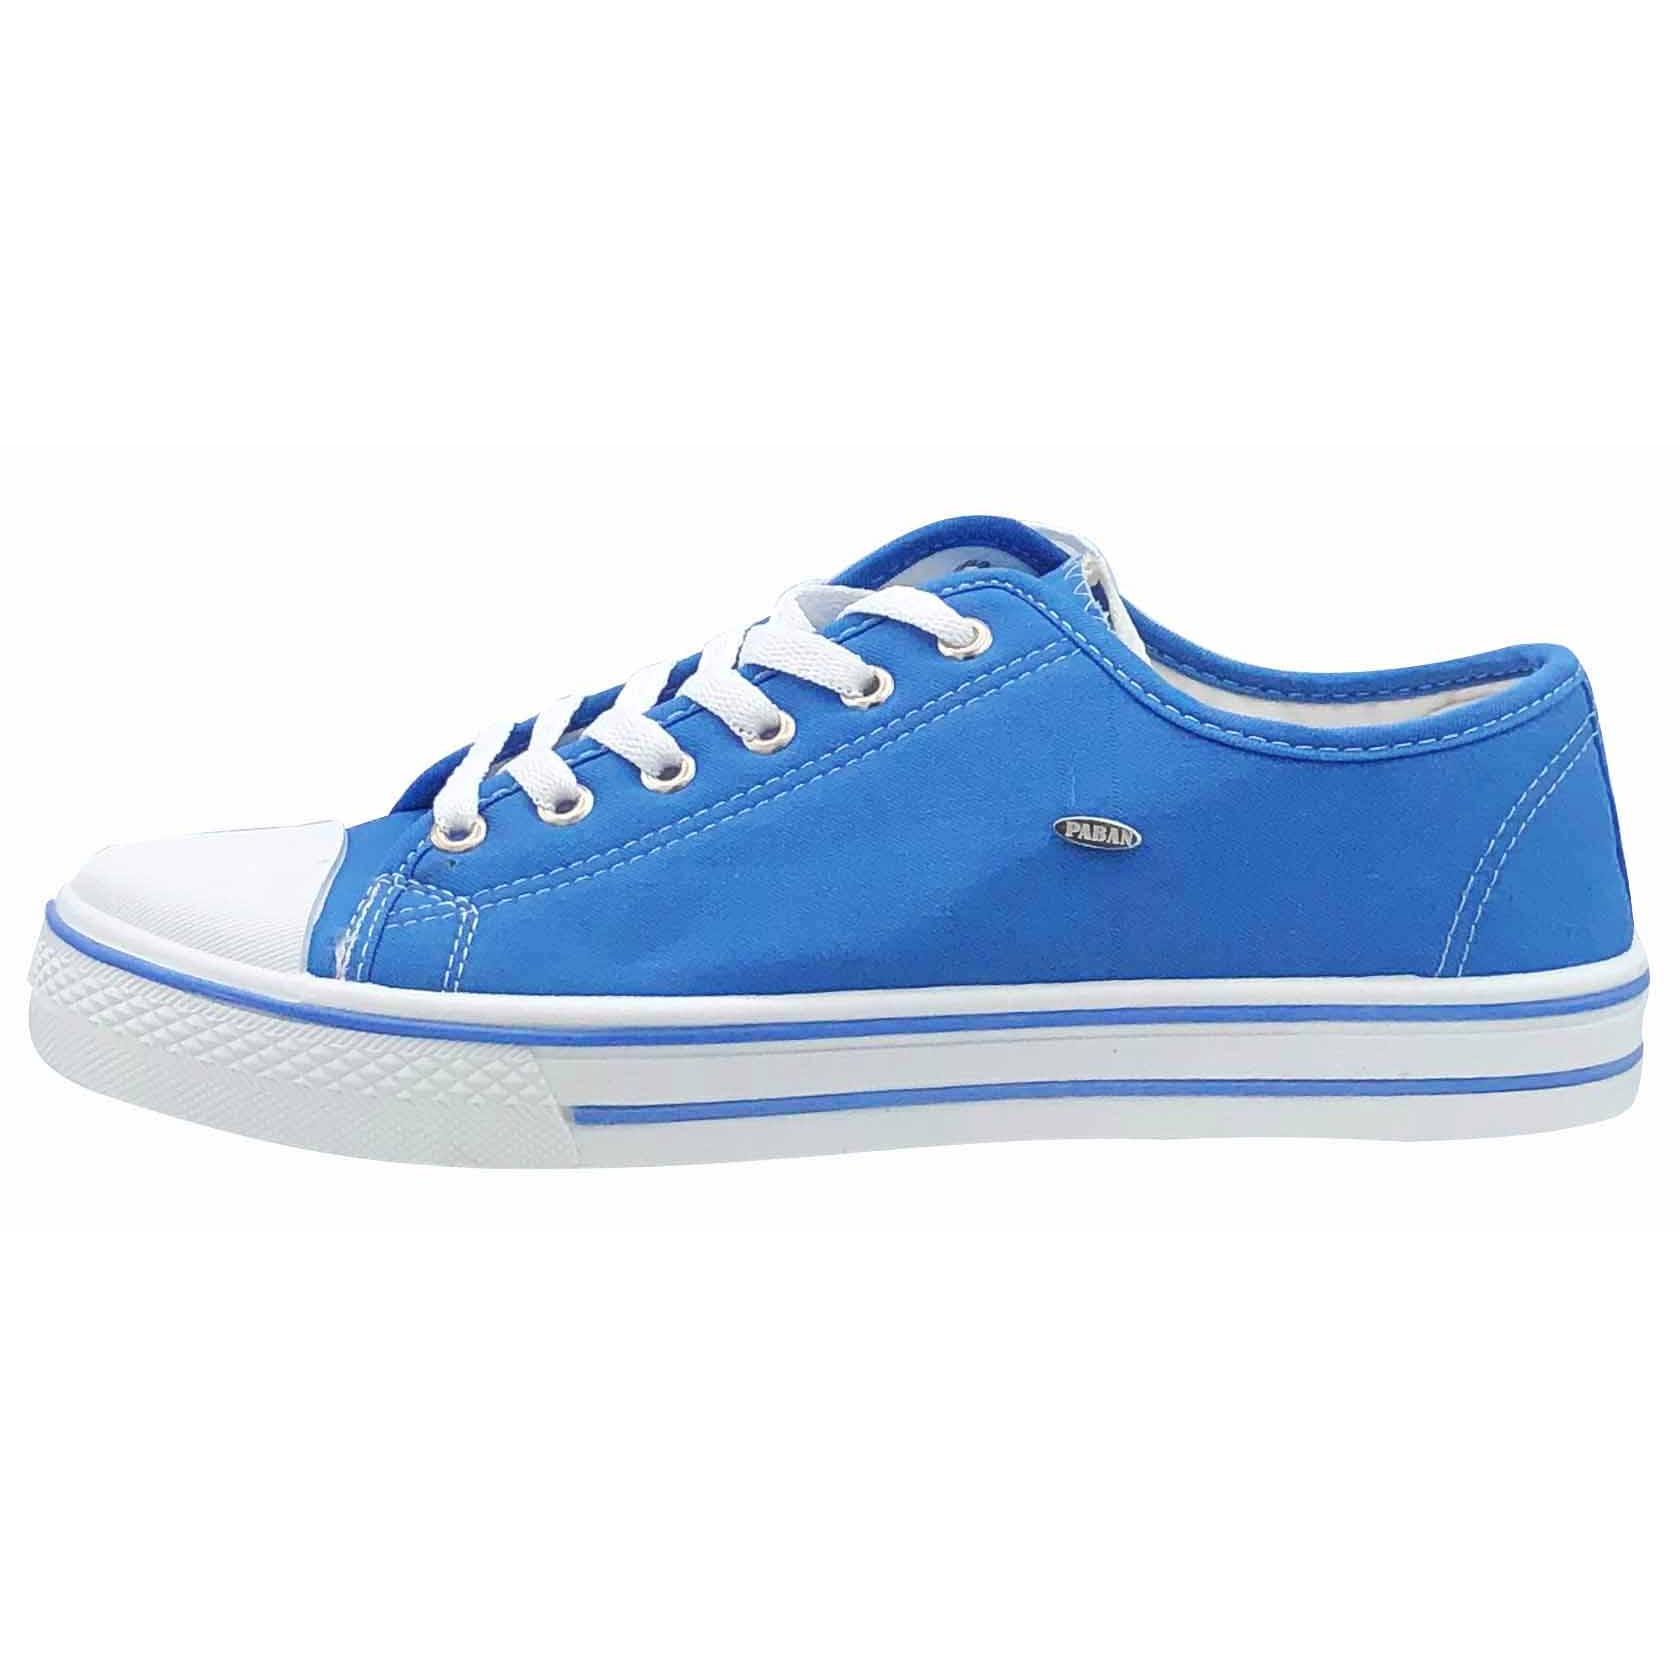 کفش راحتی زنانه کد 156 B